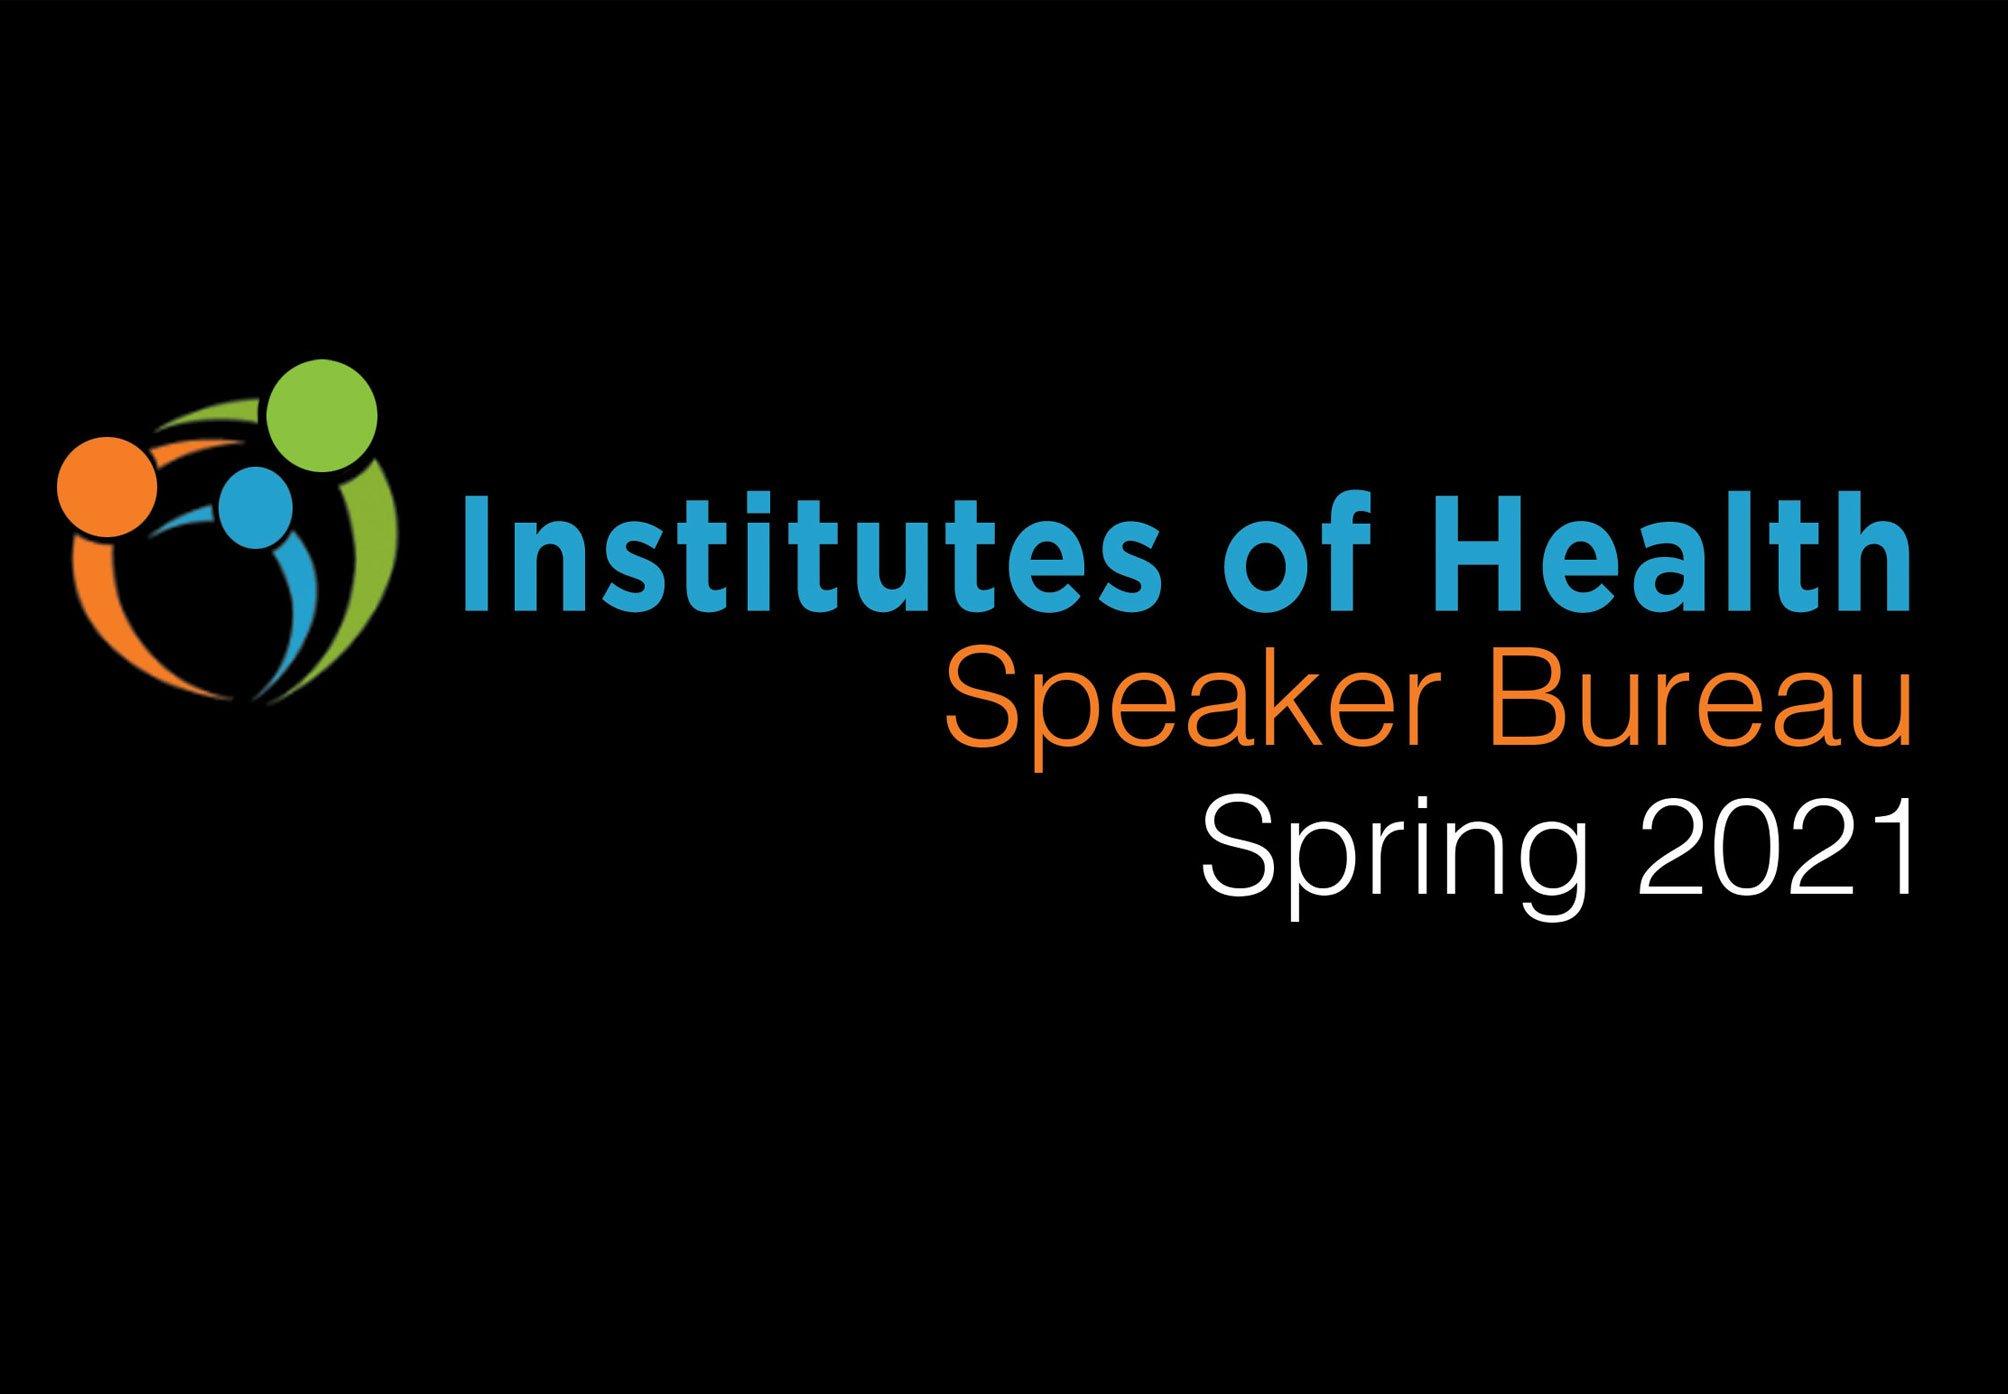 2021 Spring IOH Speaker Bureau